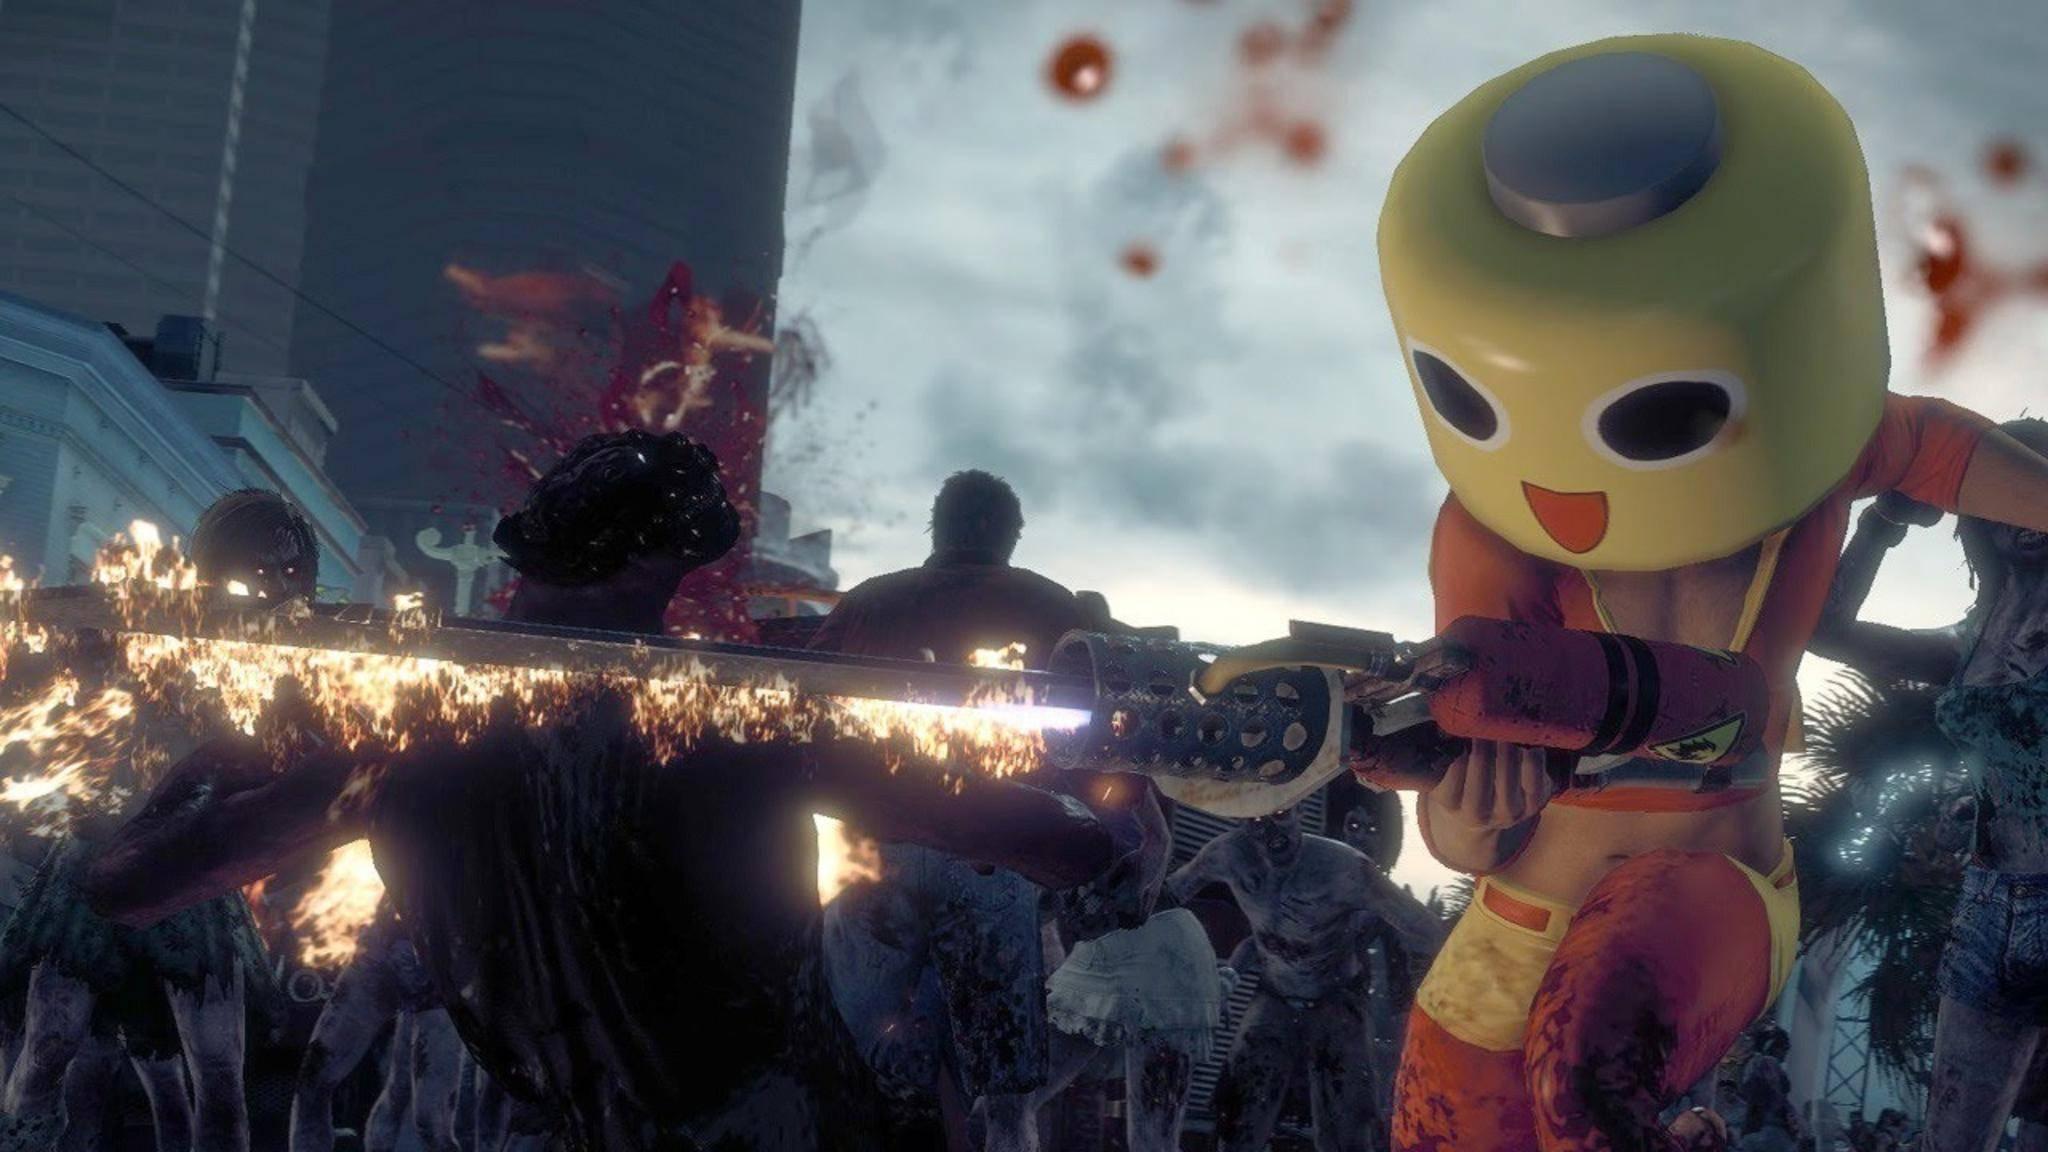 Im bescheuerten Kostüm macht Zombie-Meucheln gleich noch mehr Spaß.